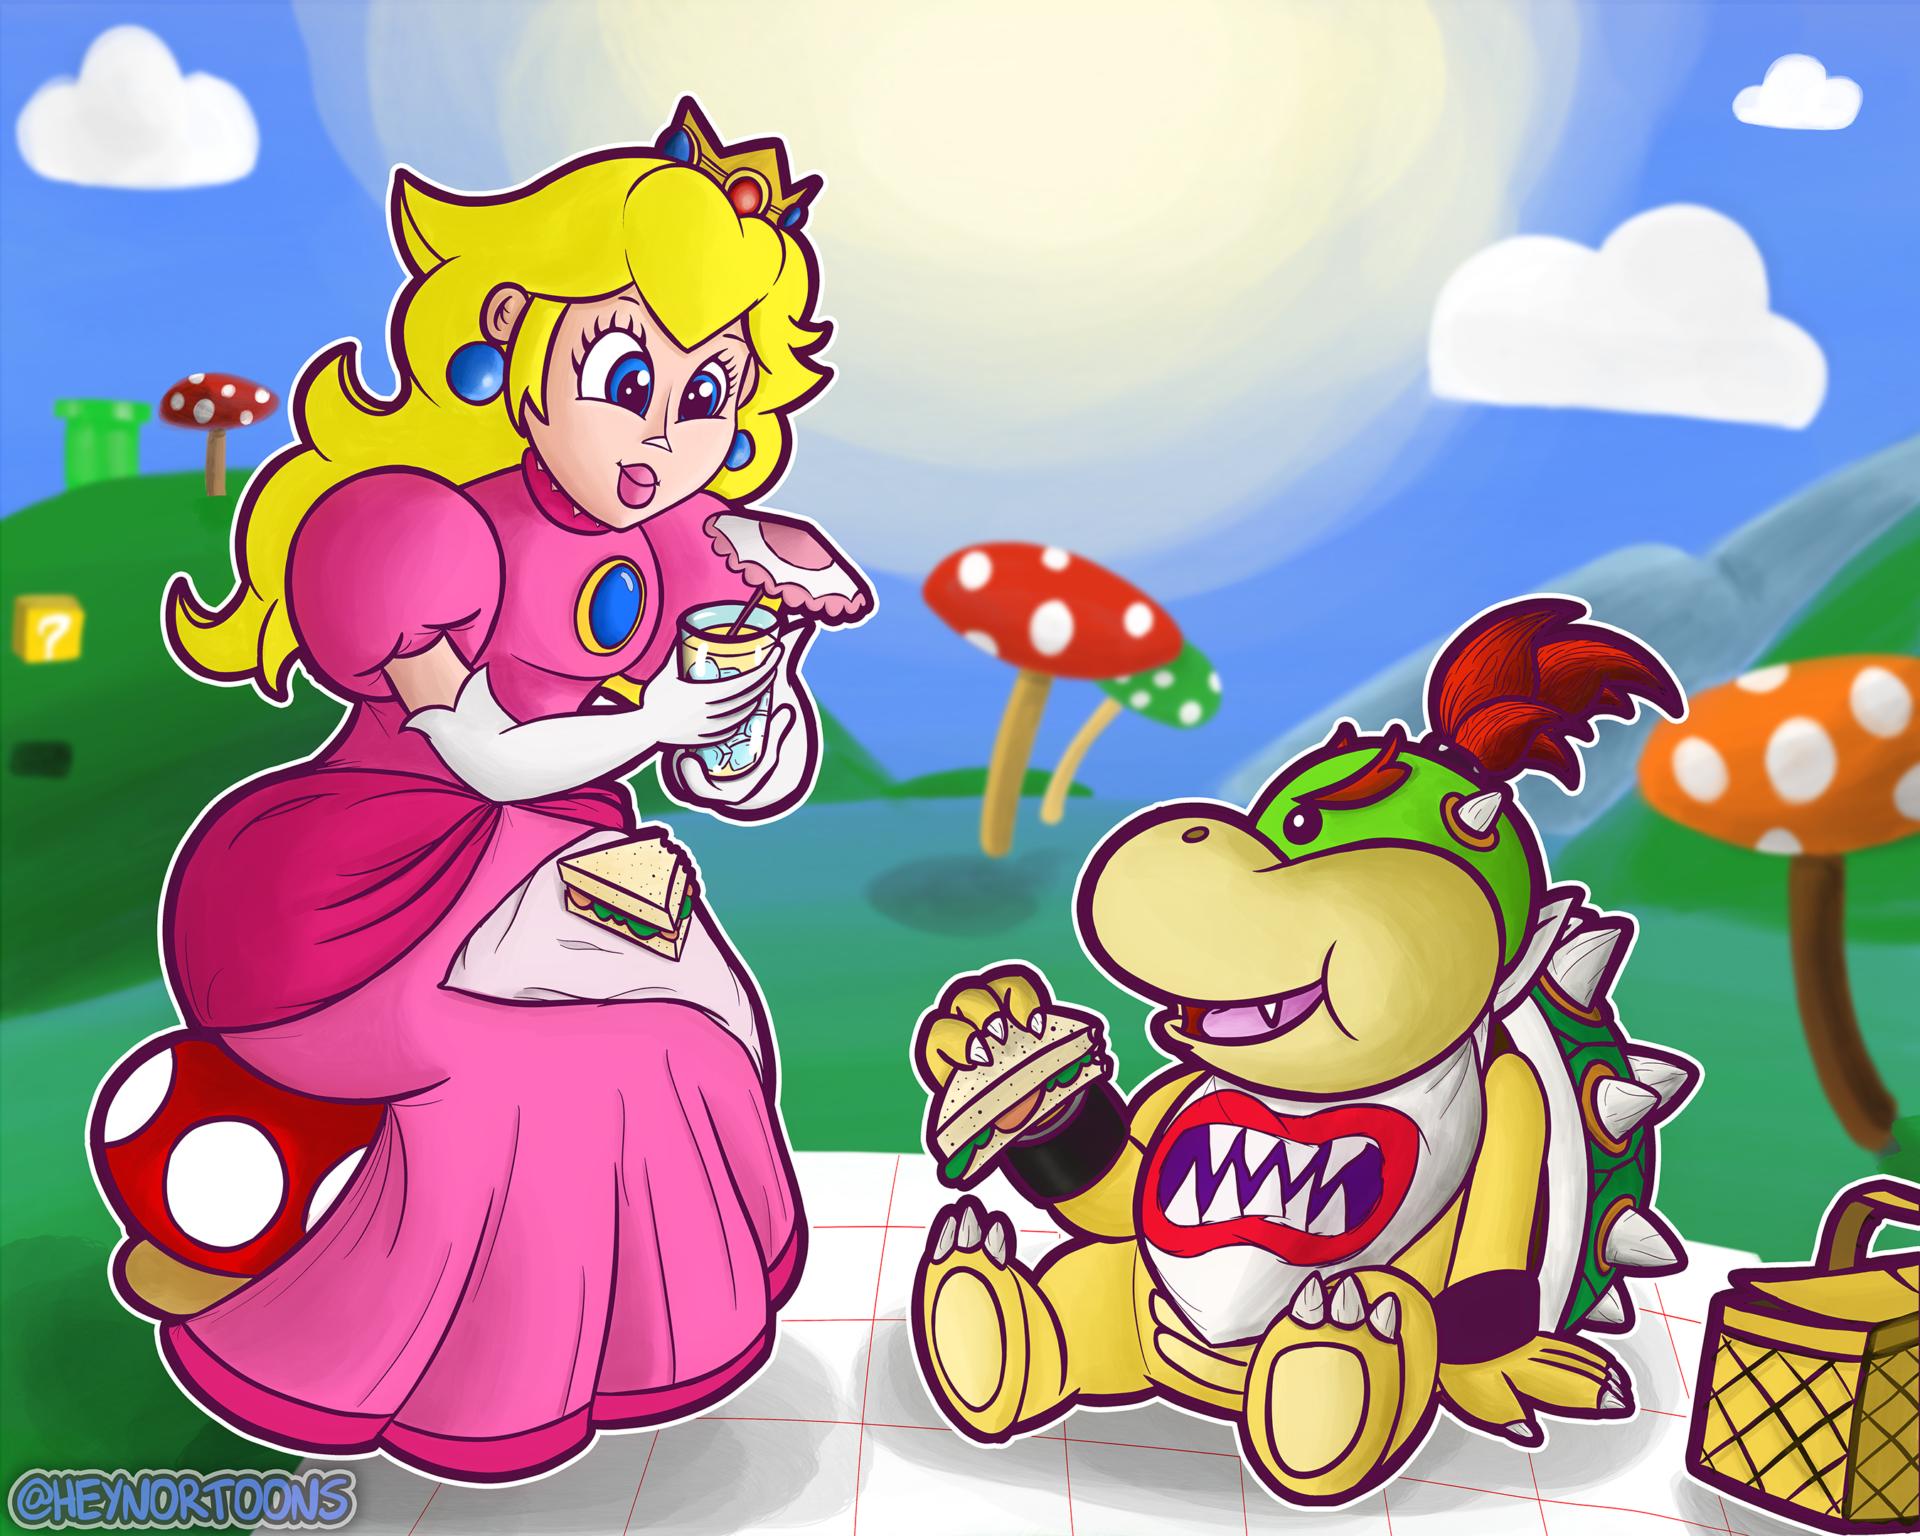 Princess Peach and Bowser Jr. Having a Picnic